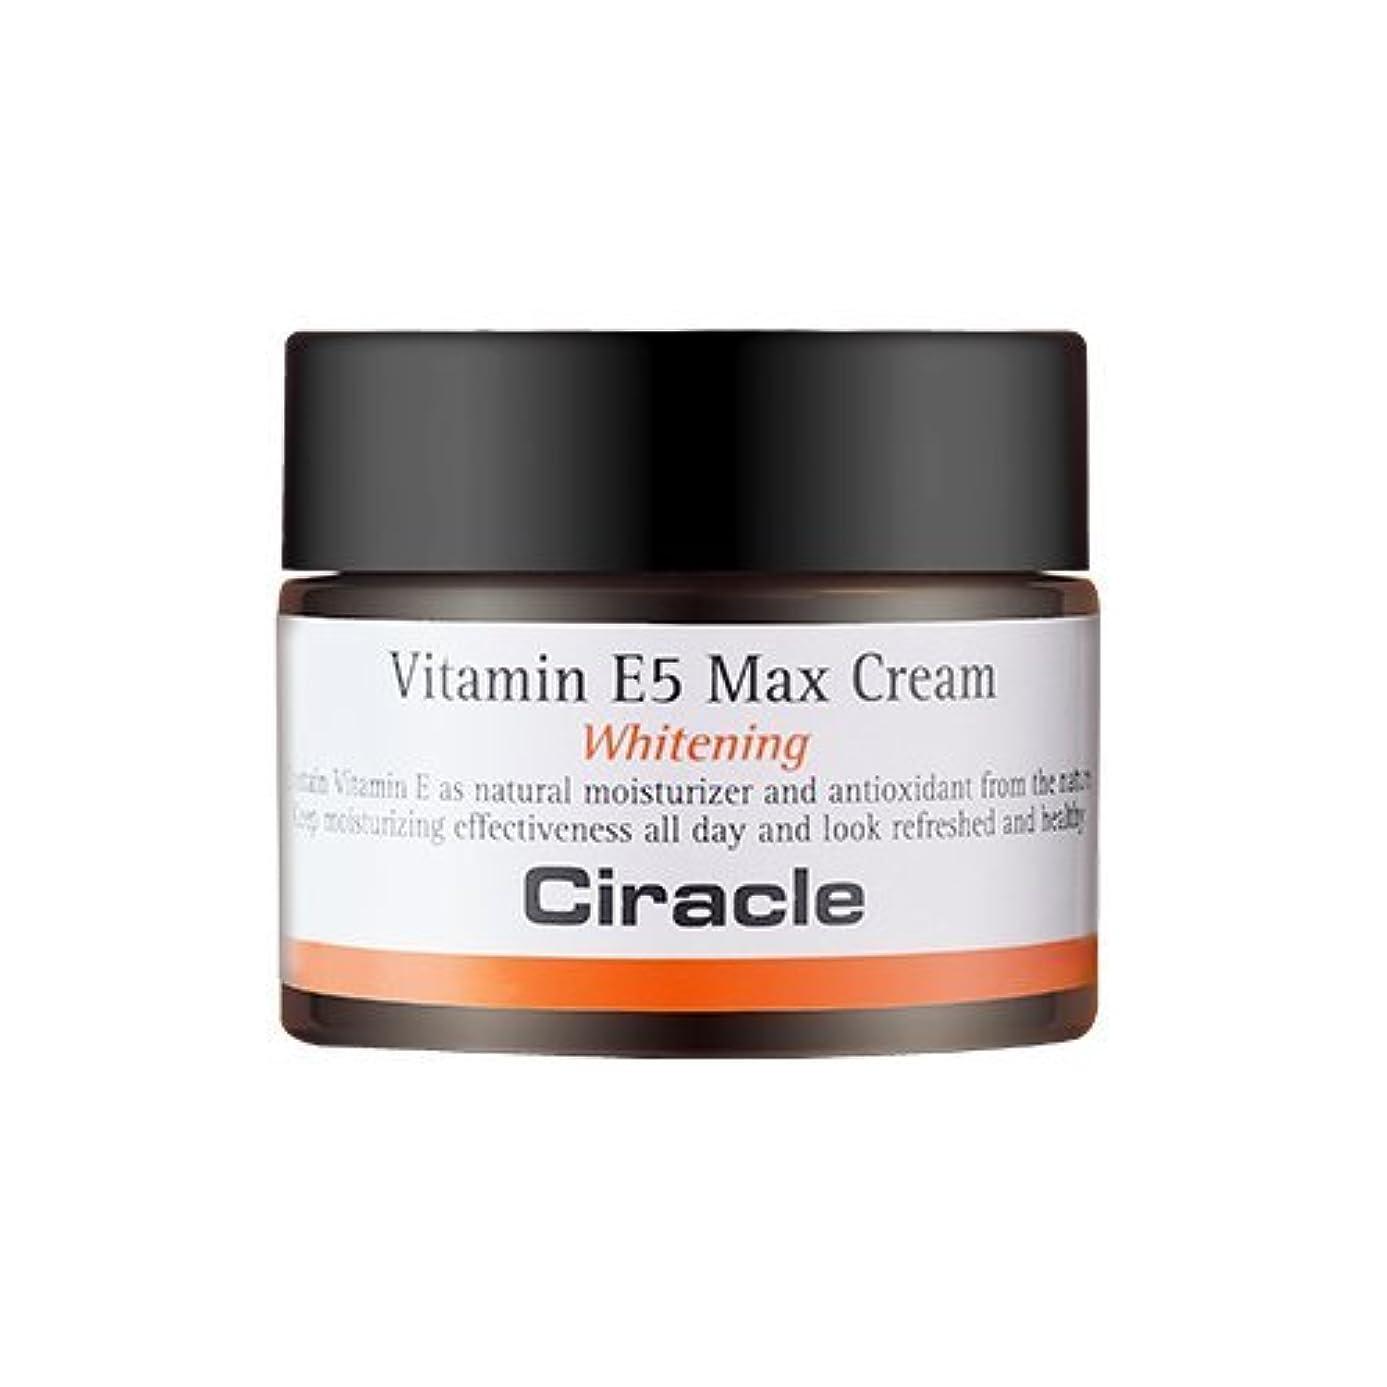 ドック摂氏度ブリリアントCiracle Vitamin E5 Max Cream シラクル ビタミンE5 マックス クリーム 50ml [並行輸入品]